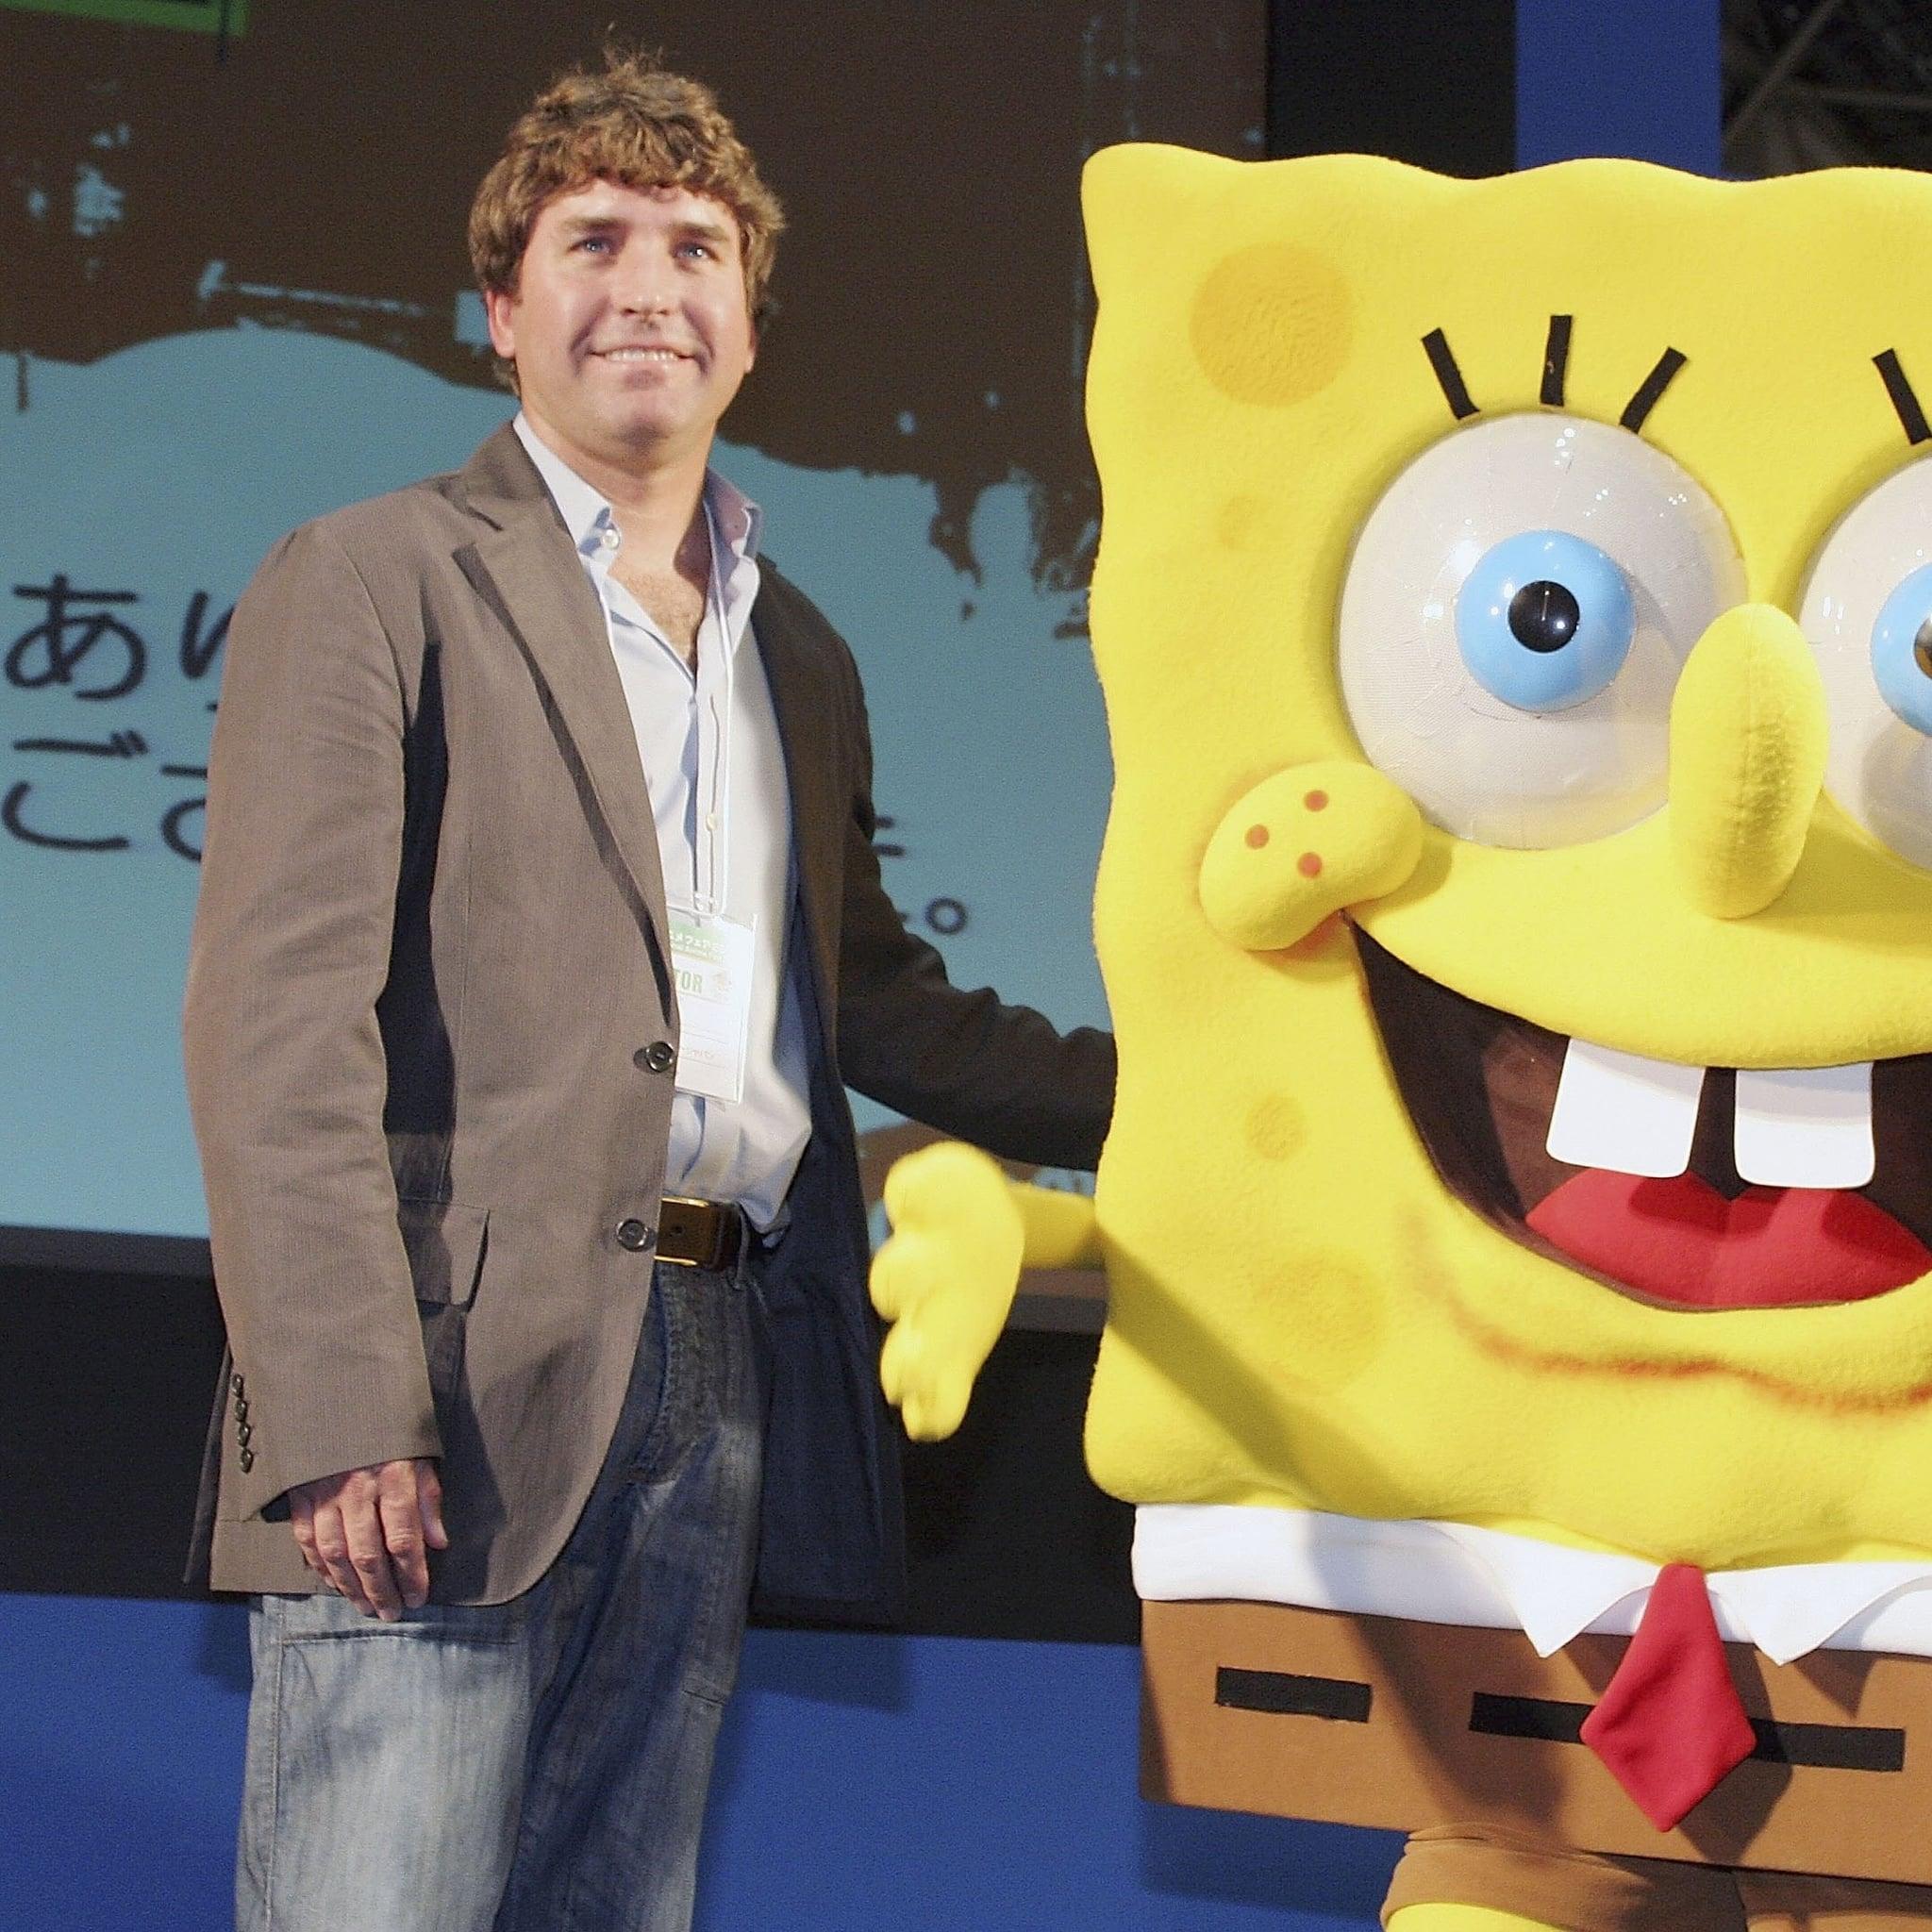 Spongebob squarepants memes for stephen hillenburgs death popsugar entertainment